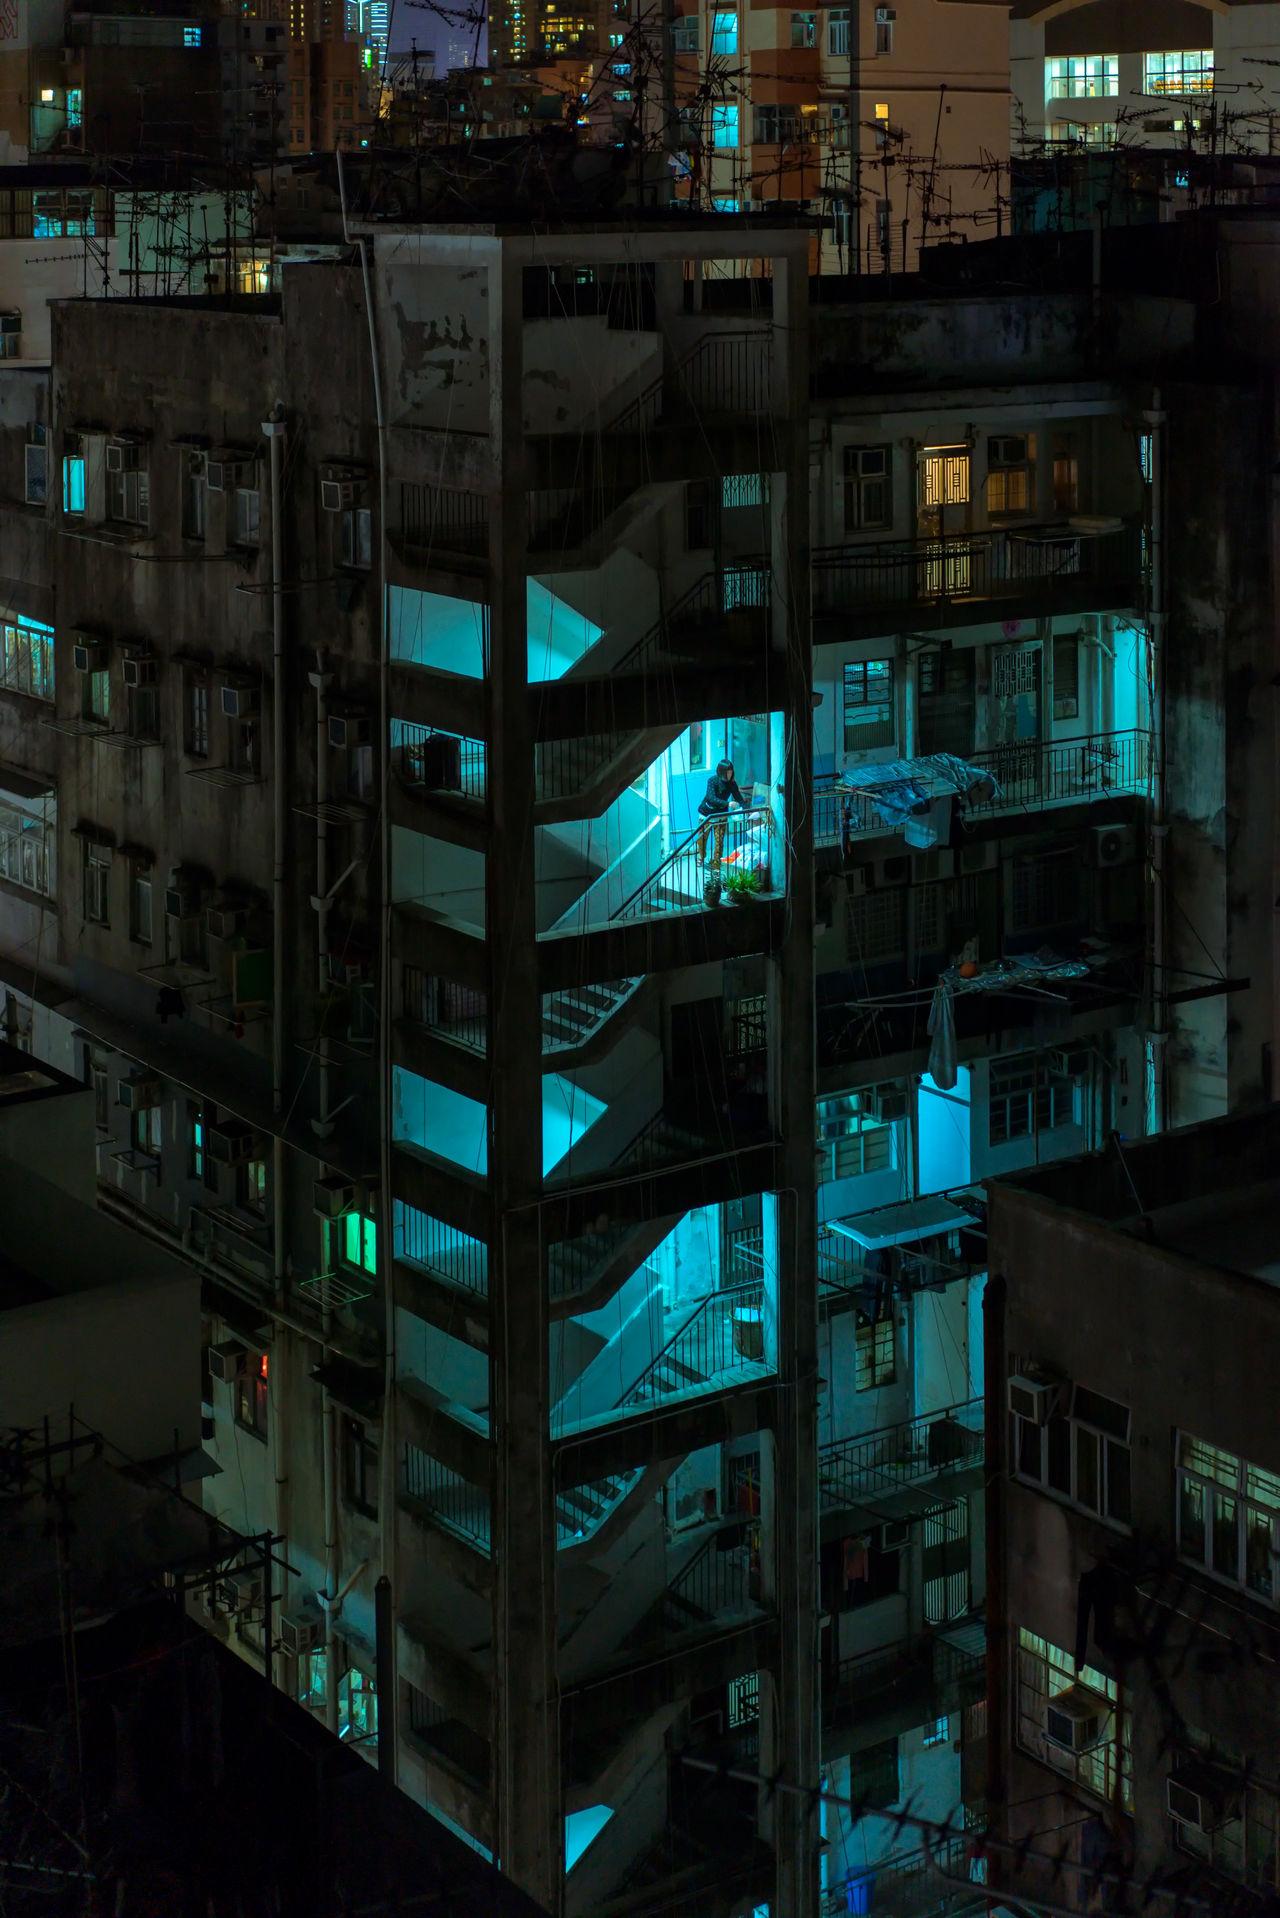 architecture, building exterior, built structure, illuminated, night